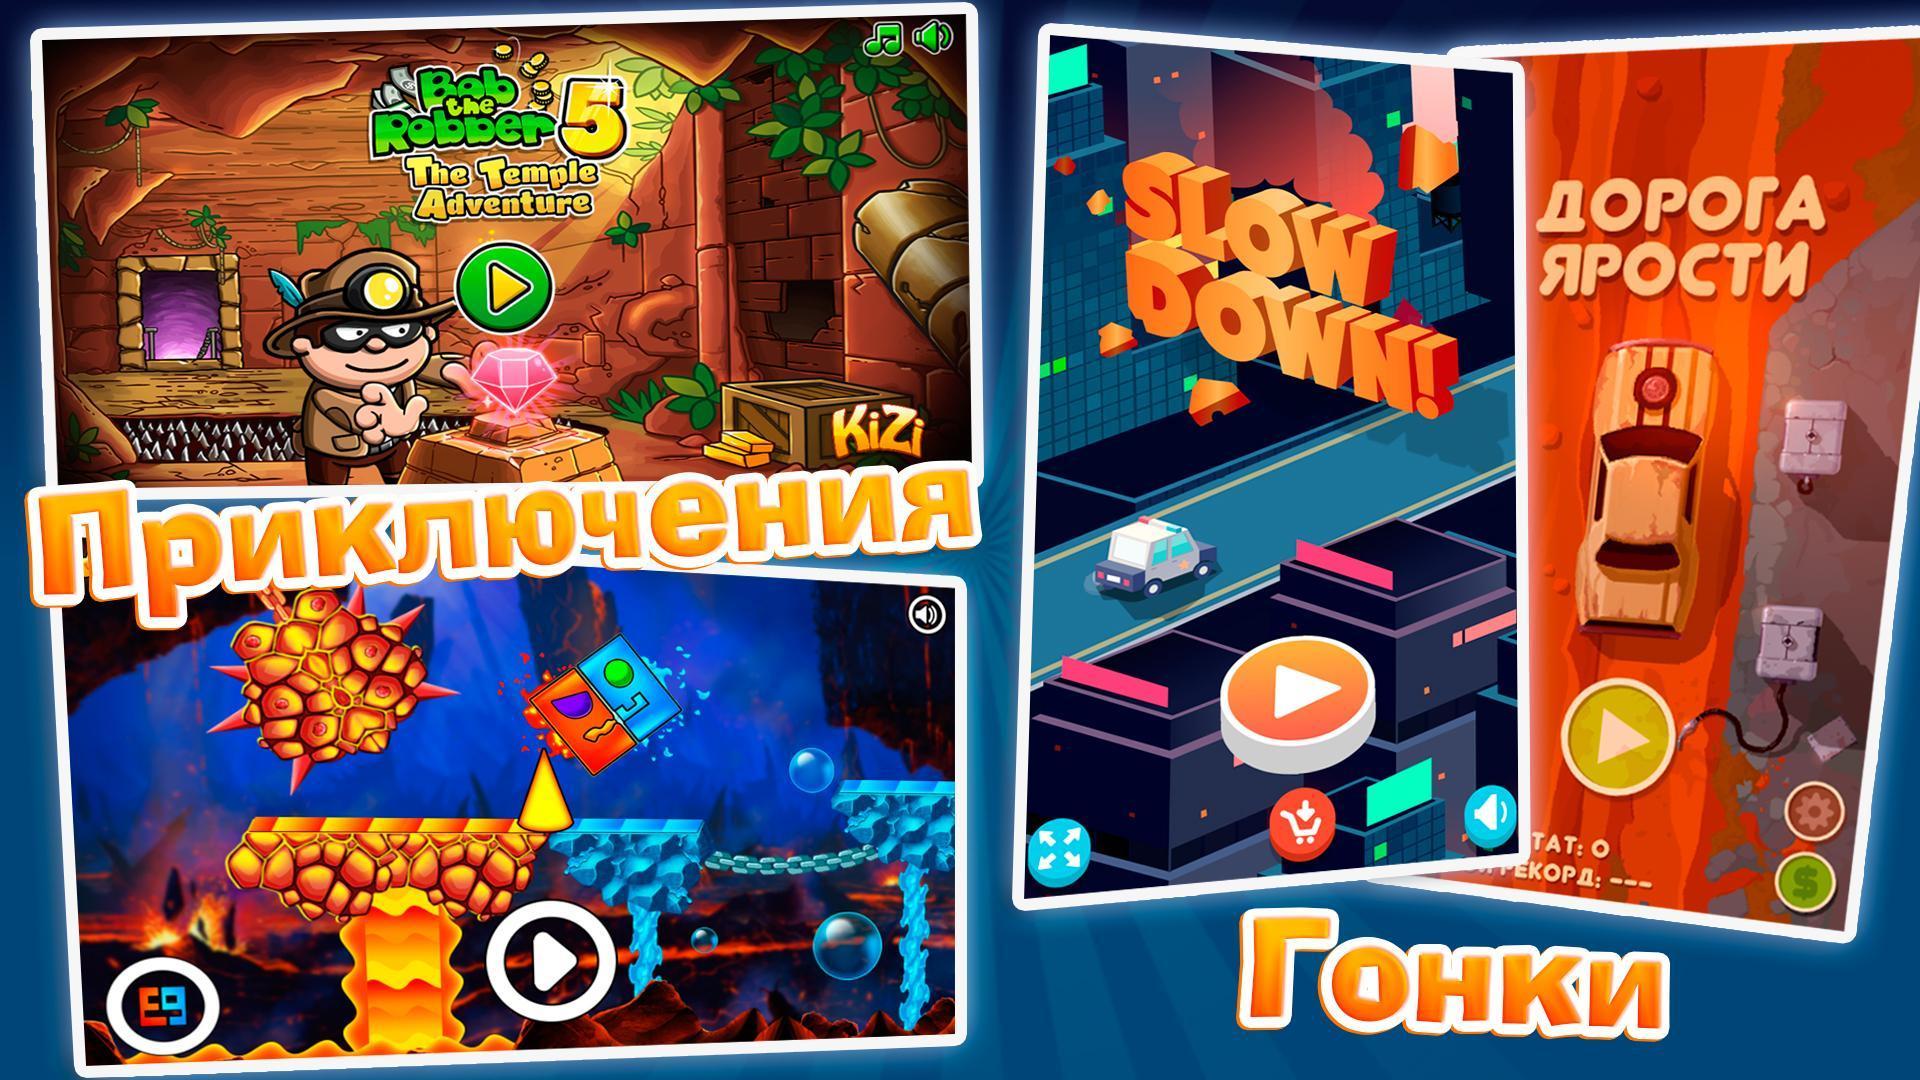 Различные увлекательные игры для вашего досуга